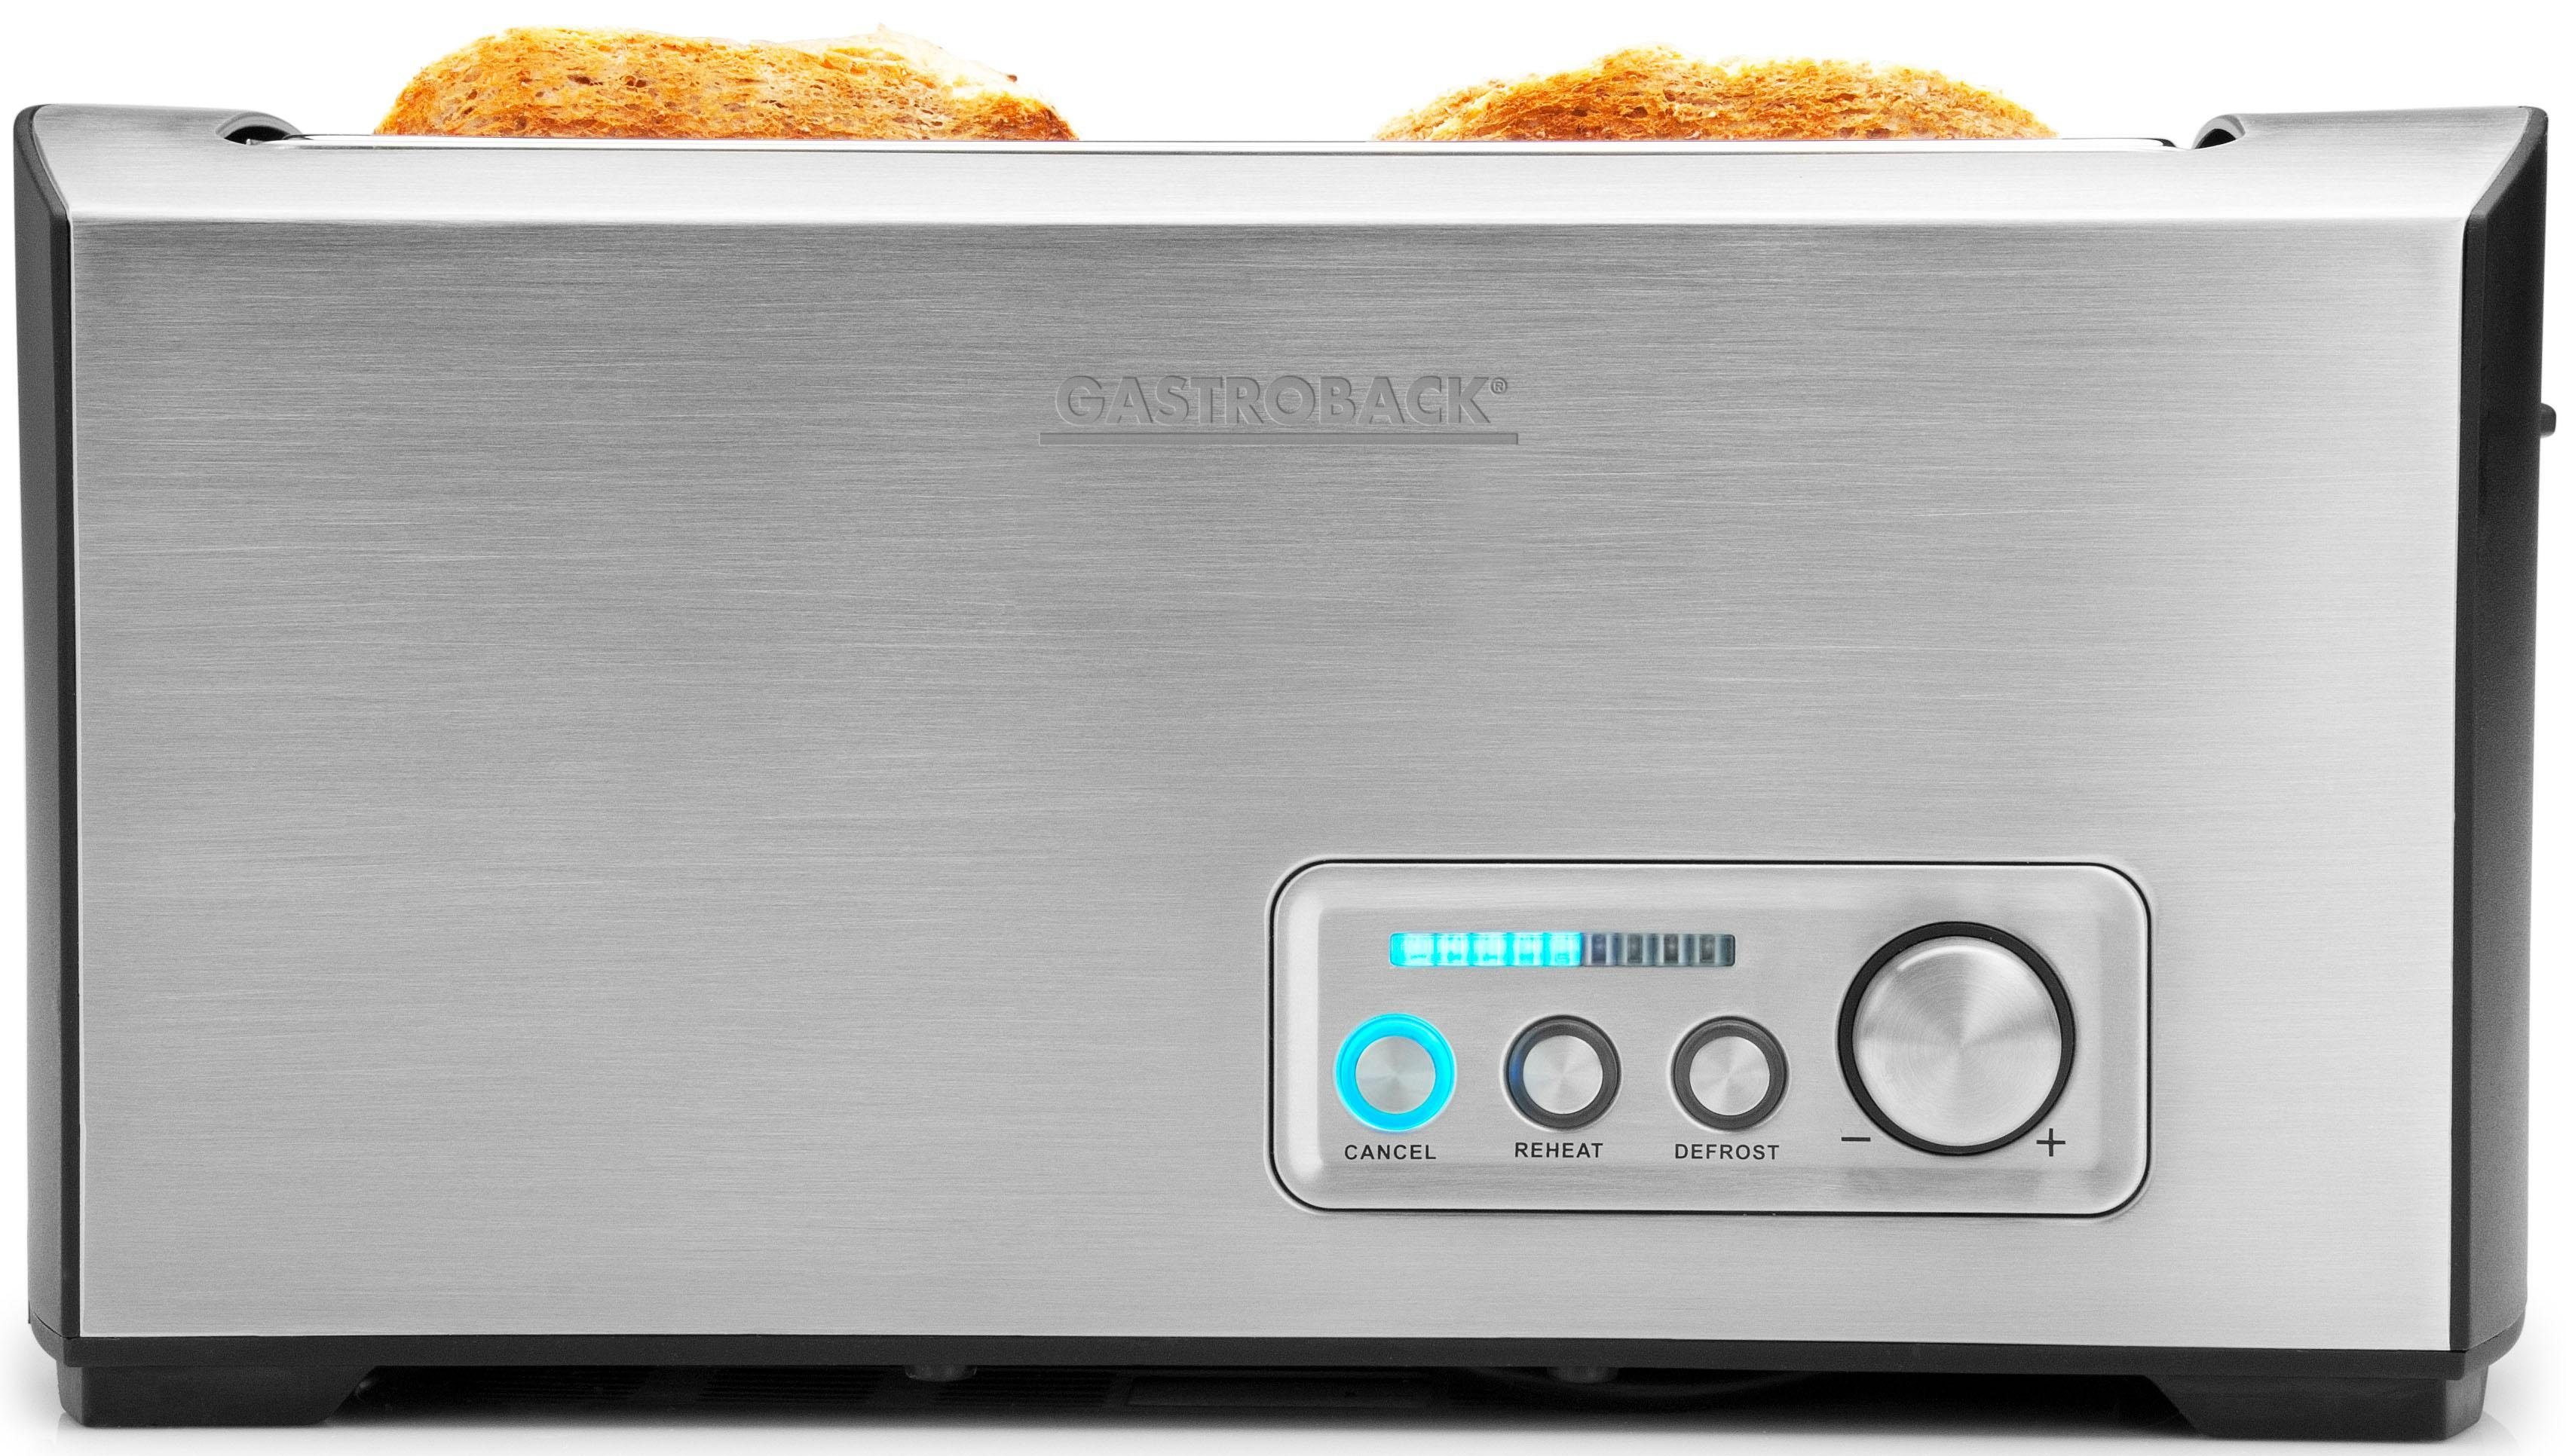 Gastroback Toaster Pro 4S 42398, für 4 Scheiben, 1500 W